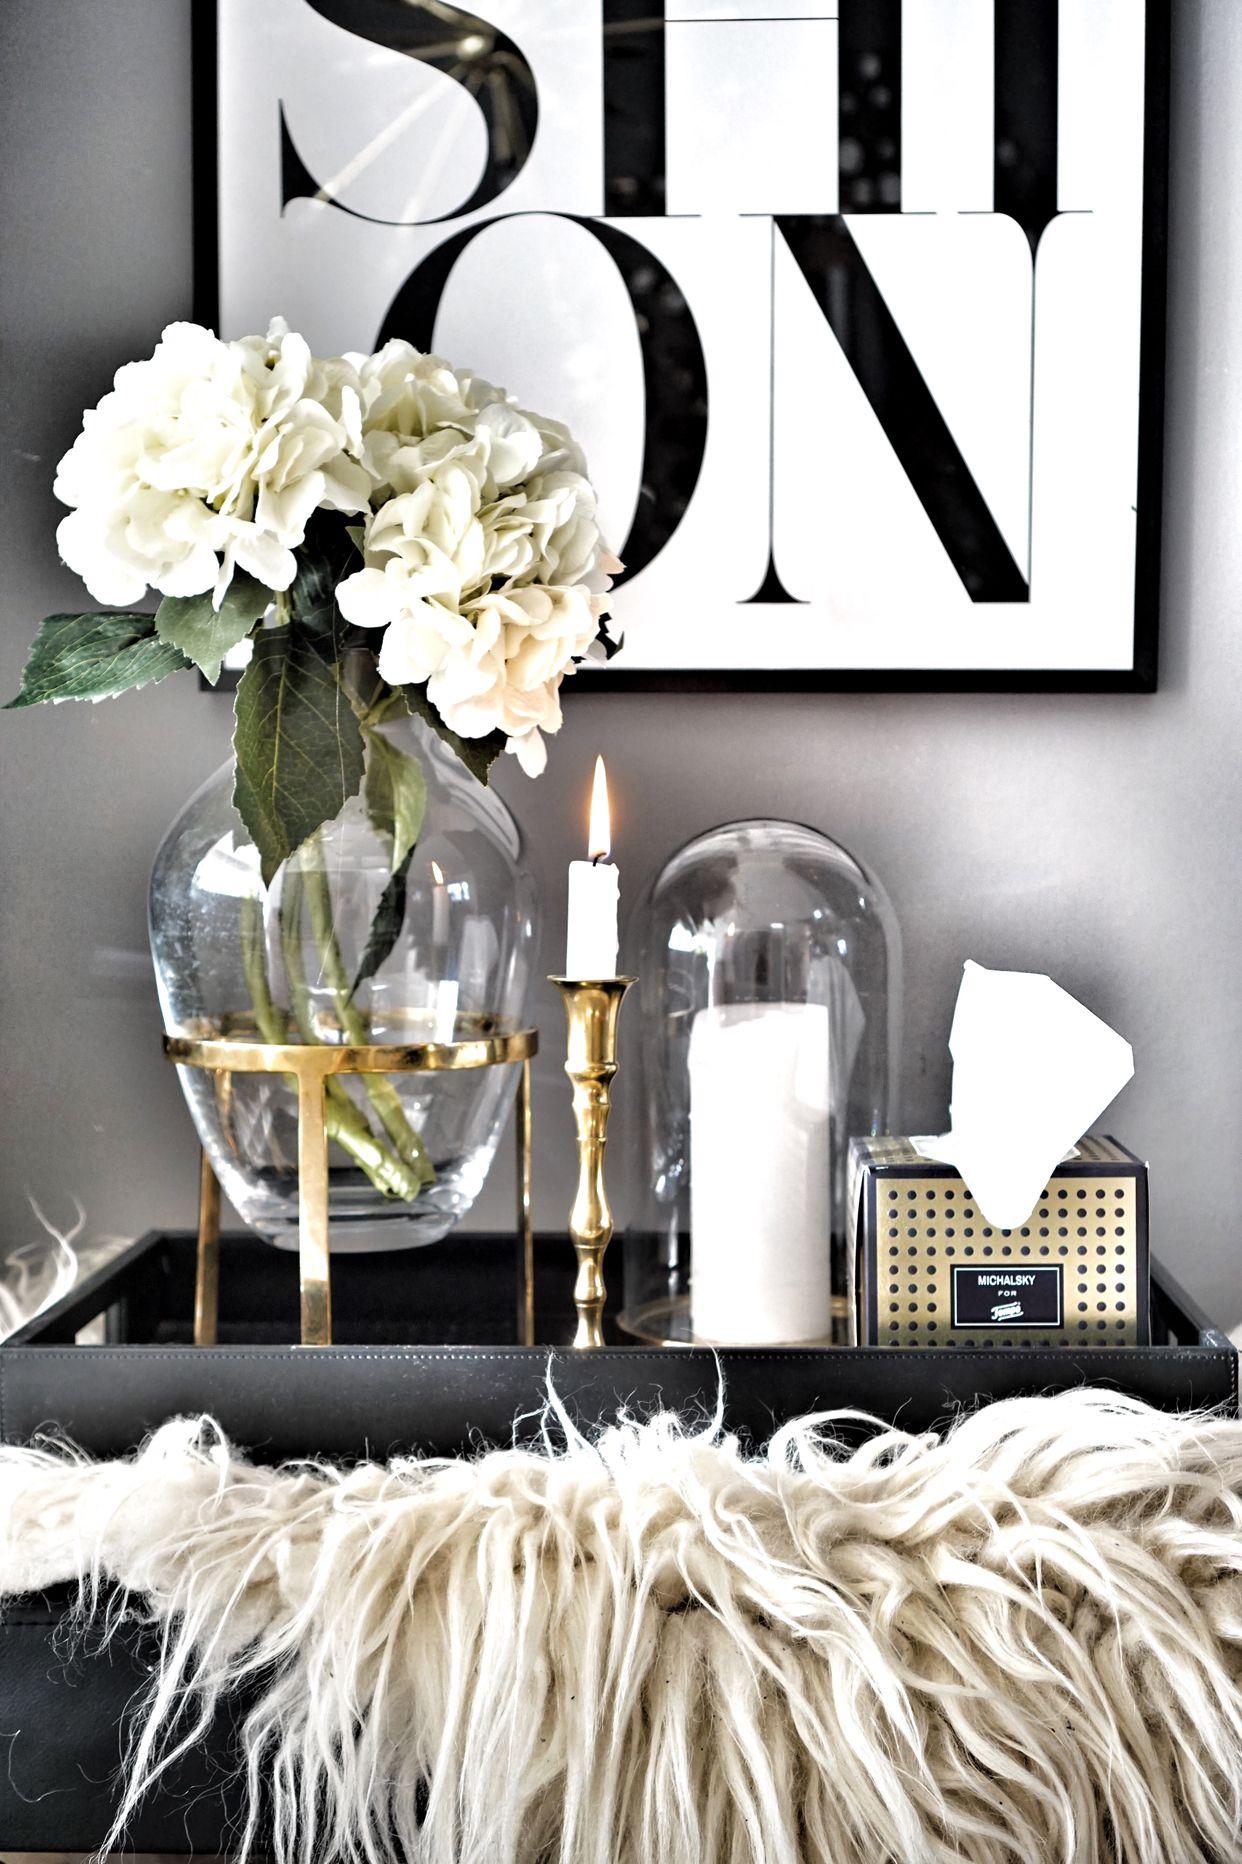 Wohnzimmer Details Tablett Vase Werbung Wohnzimmer Einrichten Wohnzimmer Schwarz Weiss Wohnzimmer